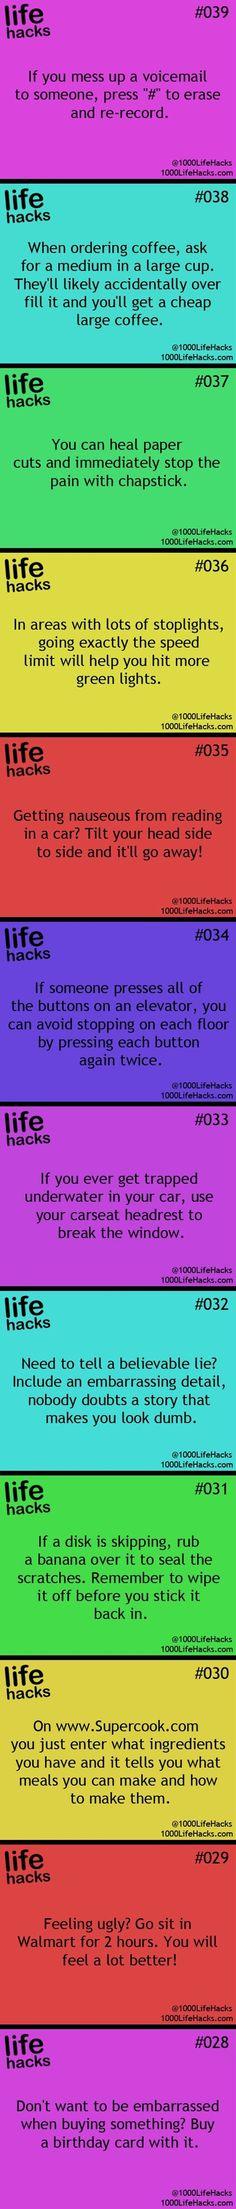 godd life hacks